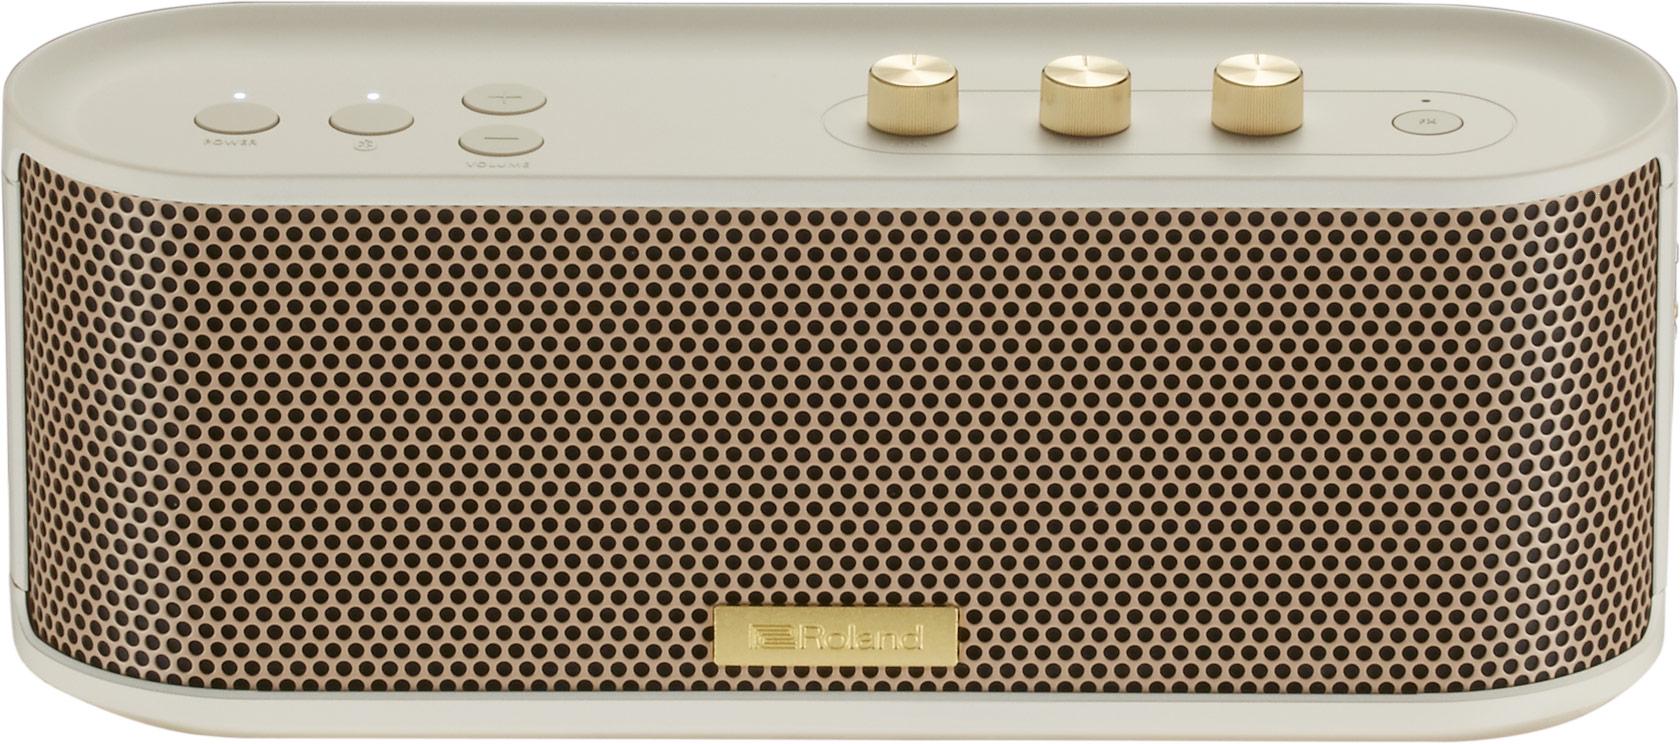 Roland - BTM-1 | Bluetooth Speaker with Instrument Input